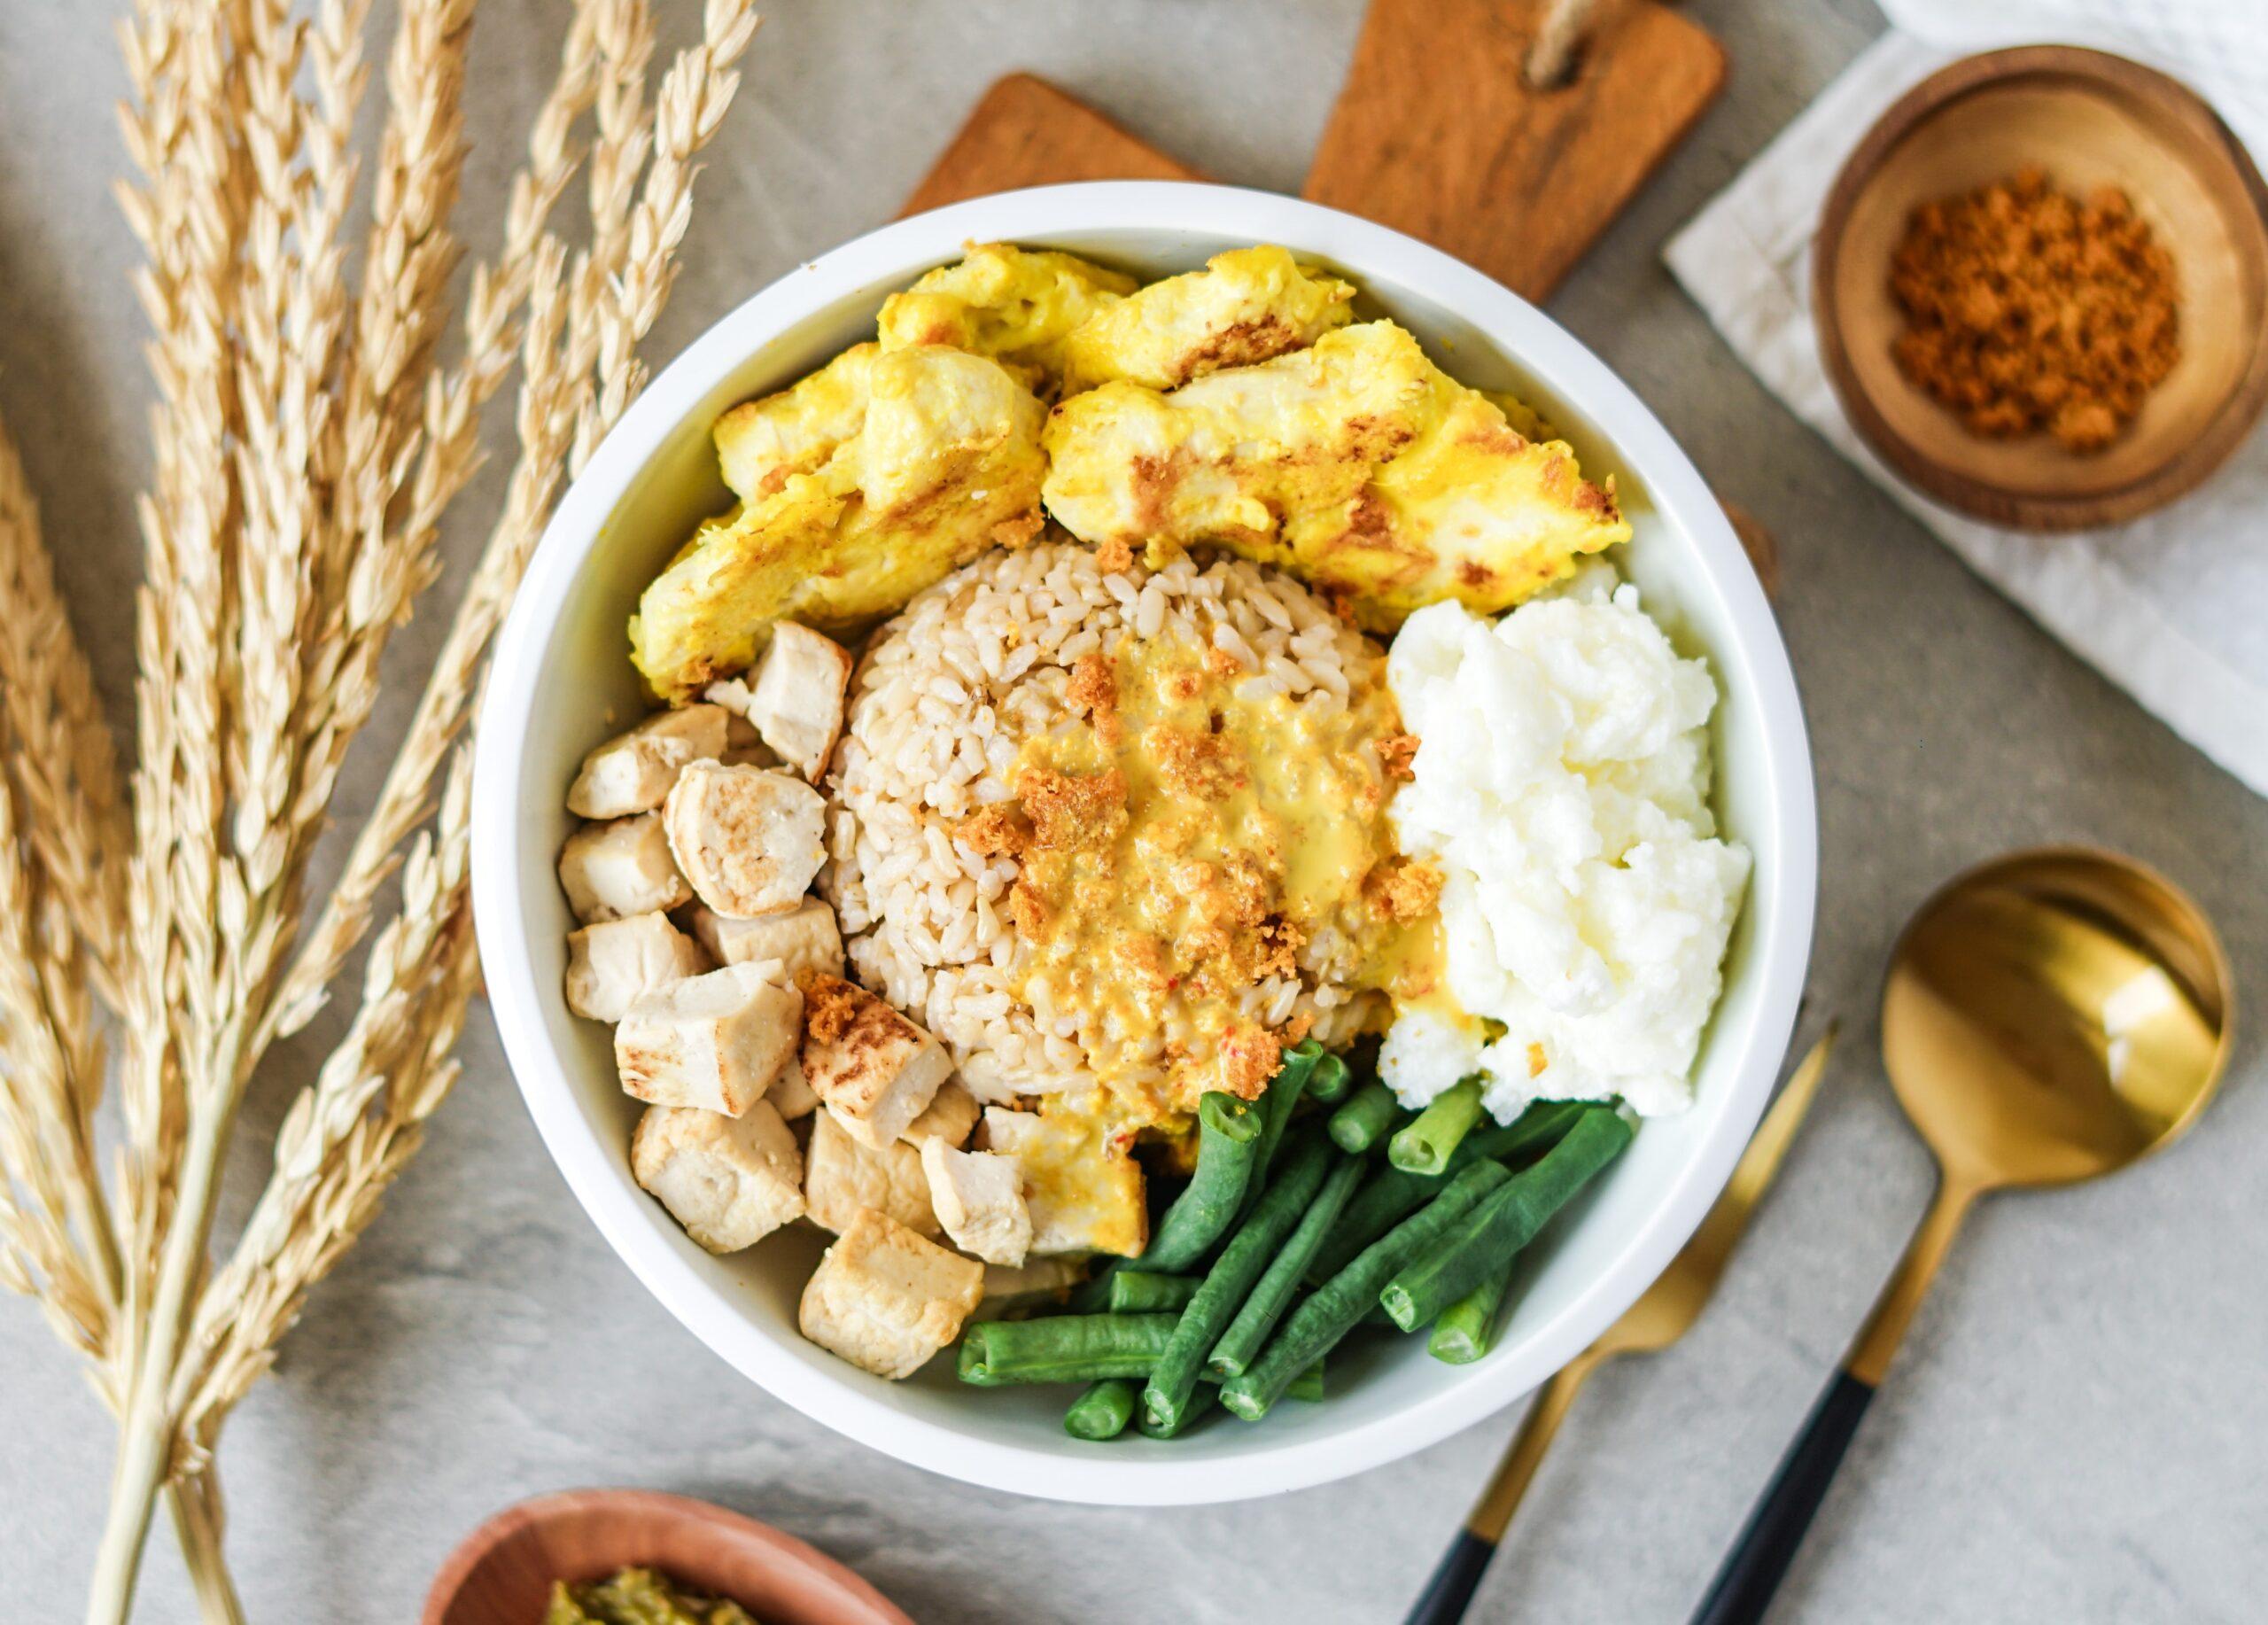 klean bowl healthy fast food